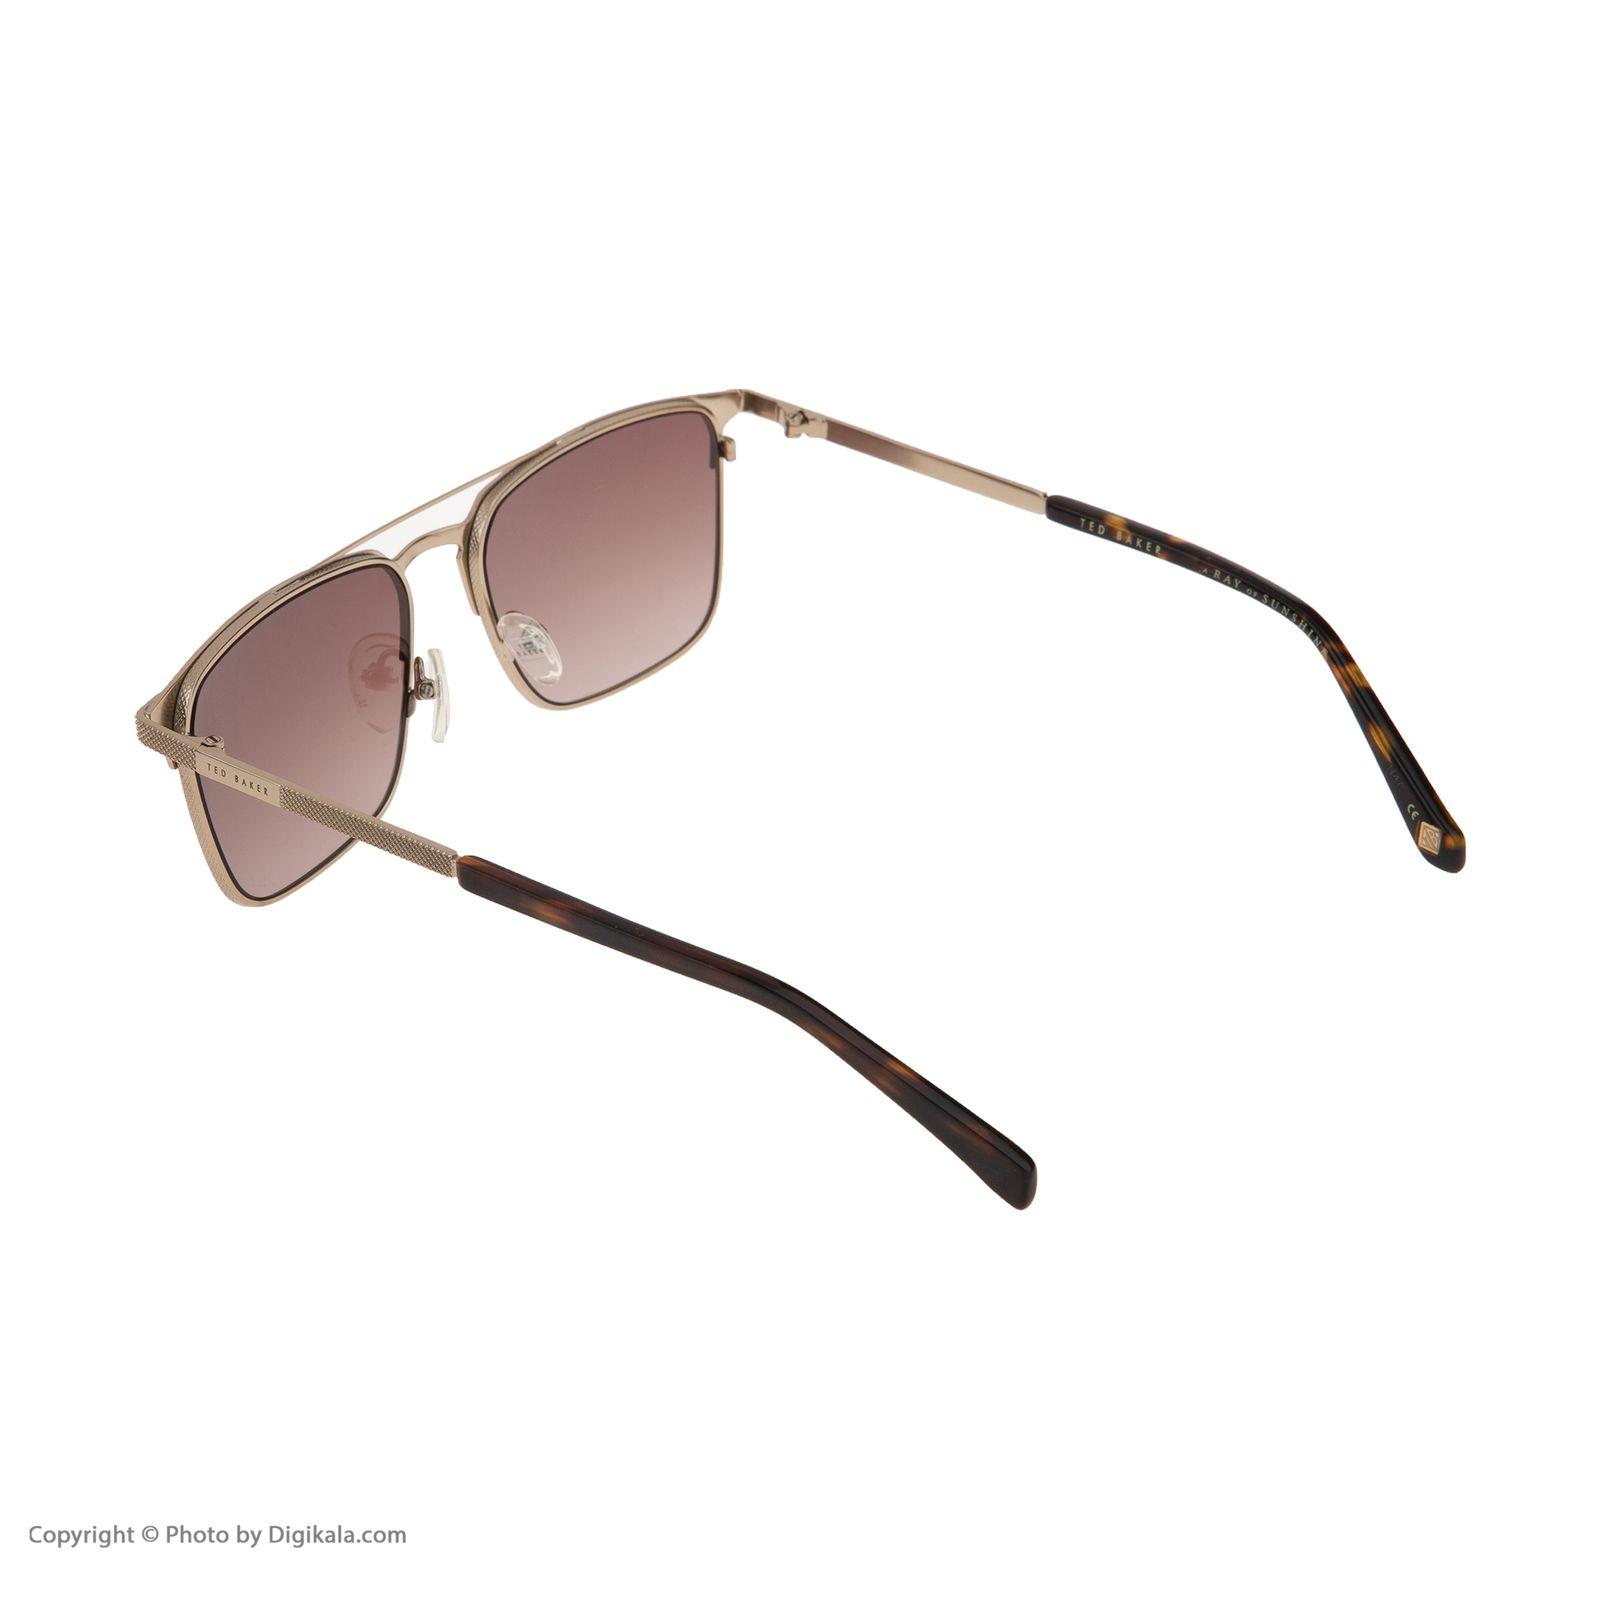 عینک آفتابی زنانه تد بیکر مدل TB 1485 204 -  - 2